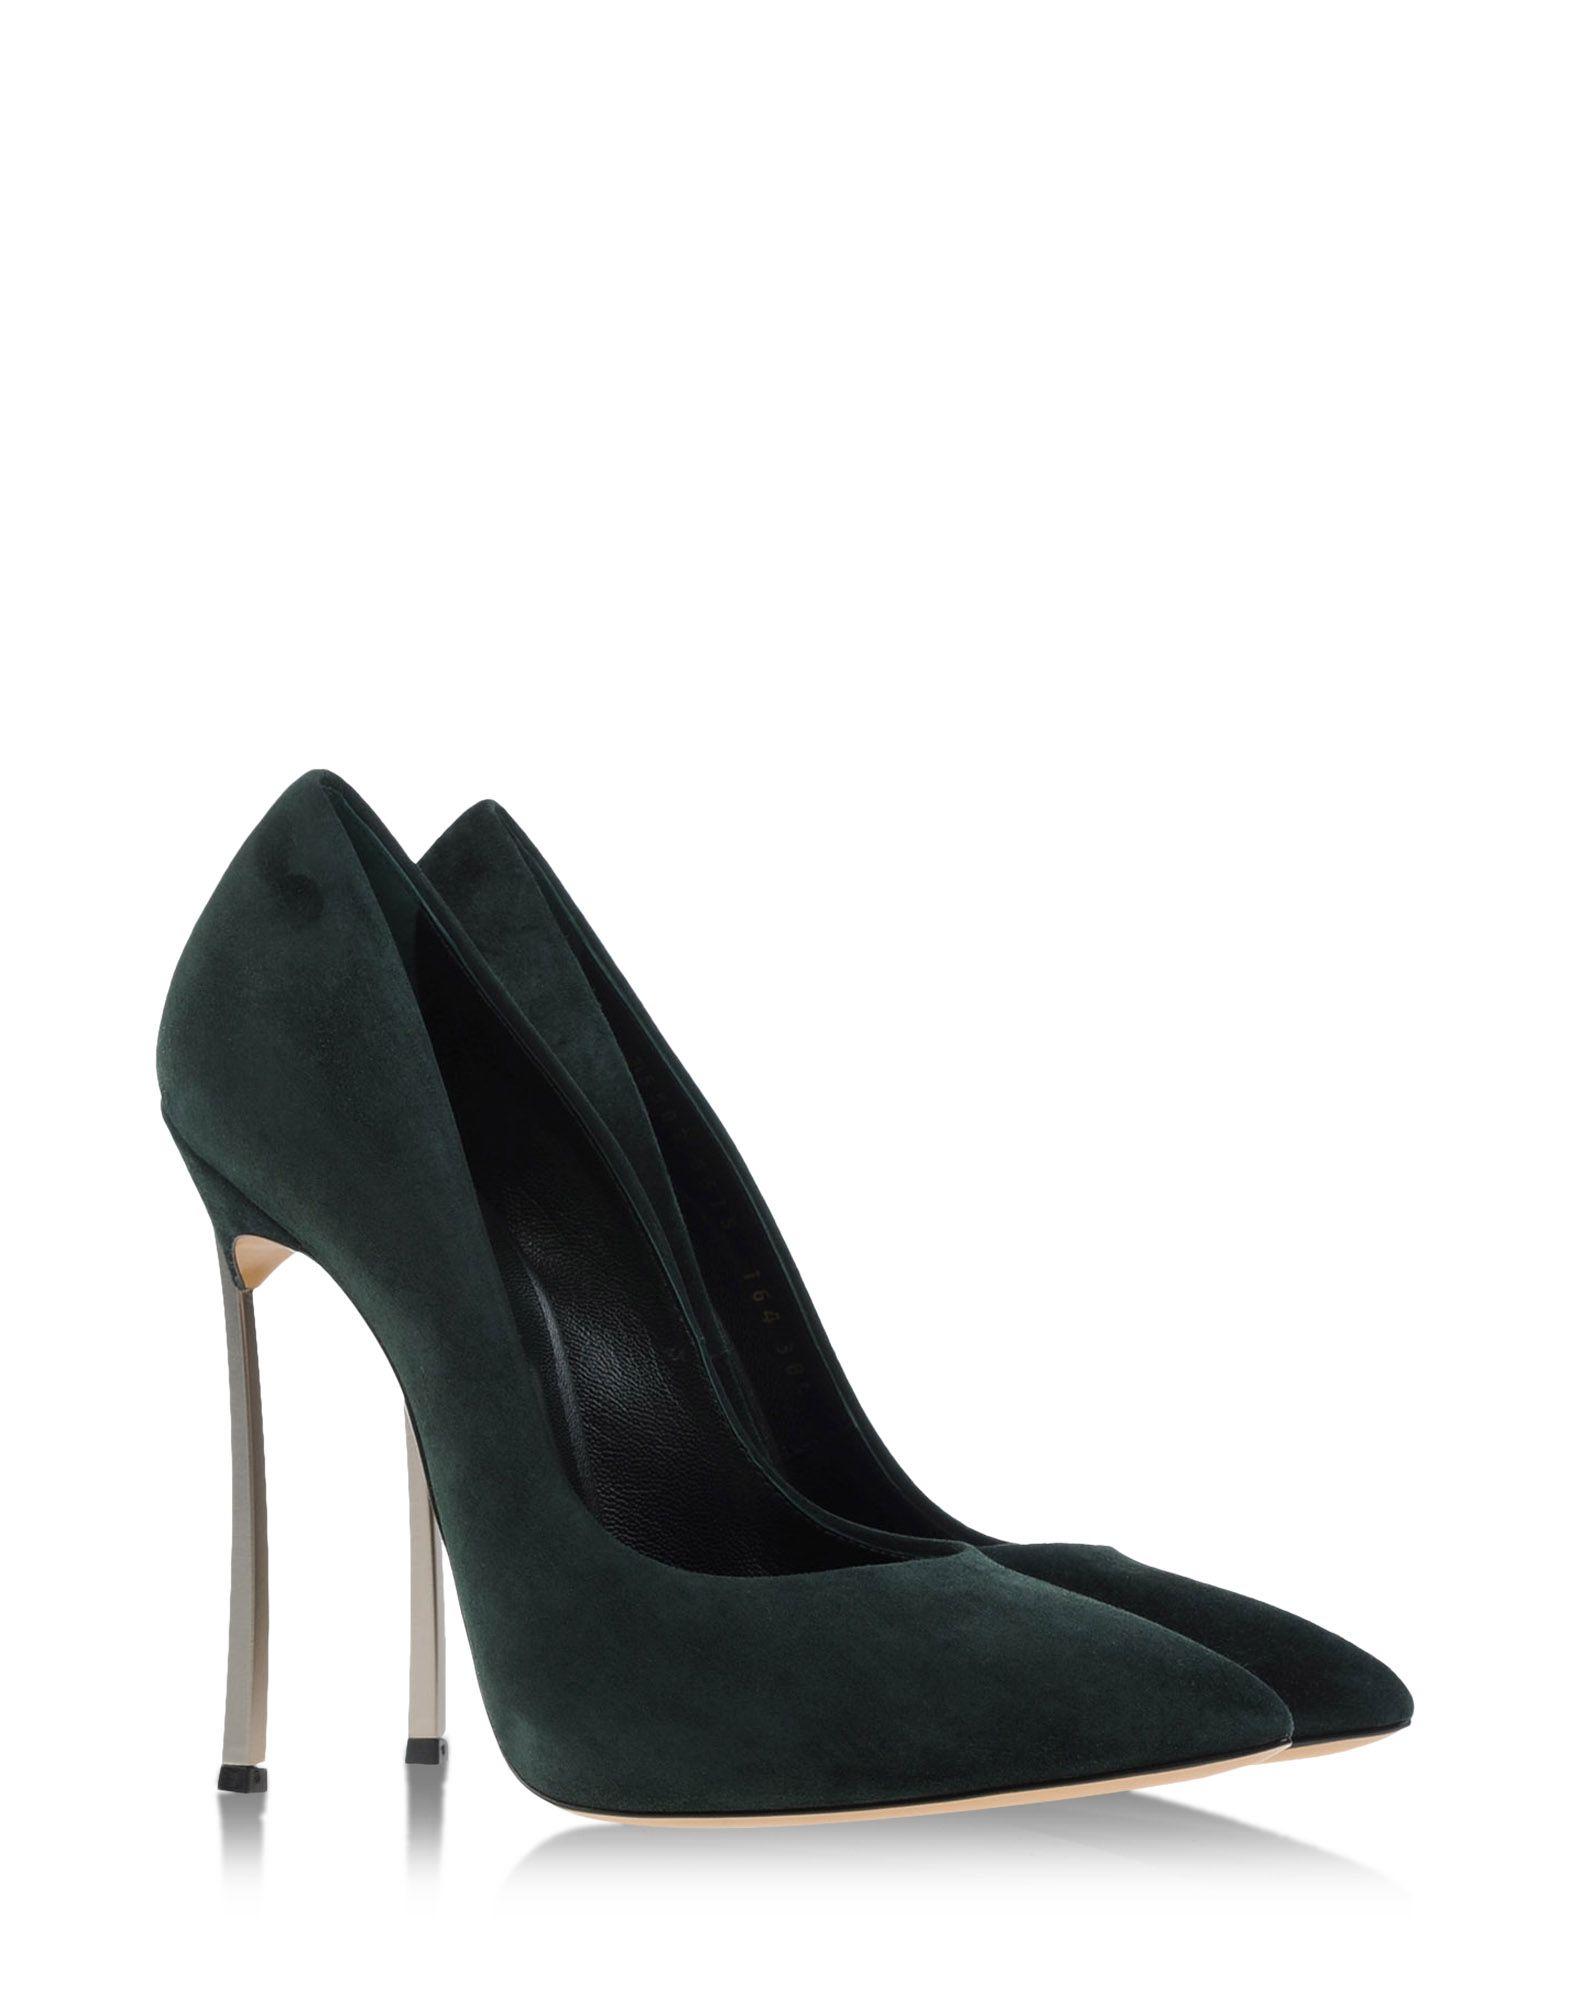 Casadei Closed Toe Slip Ons In Green Dark Green Lyst